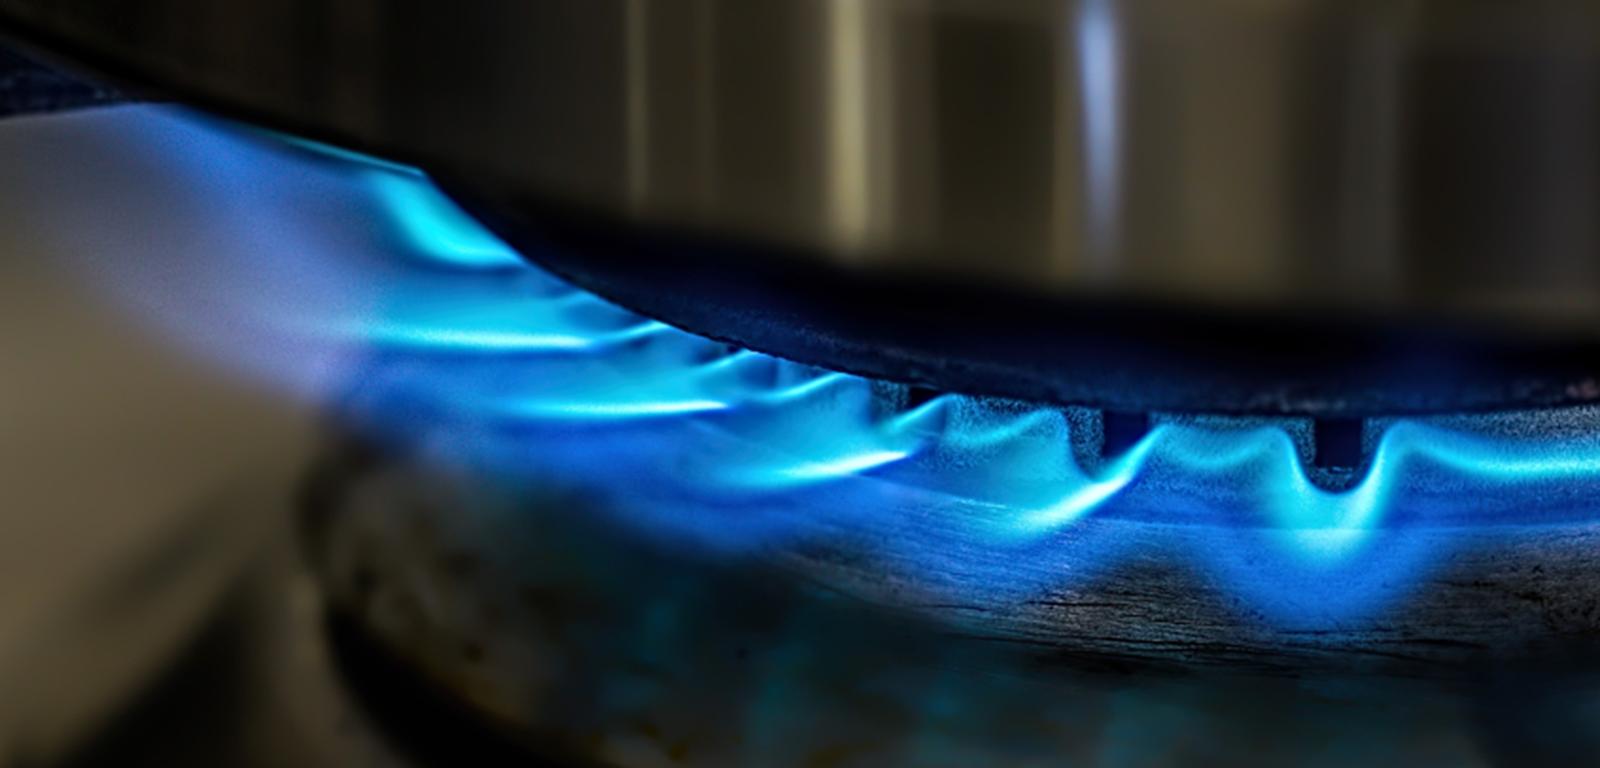 Verwijdering gasaansluiting consumenten nu tijdelijk volledig vergoed